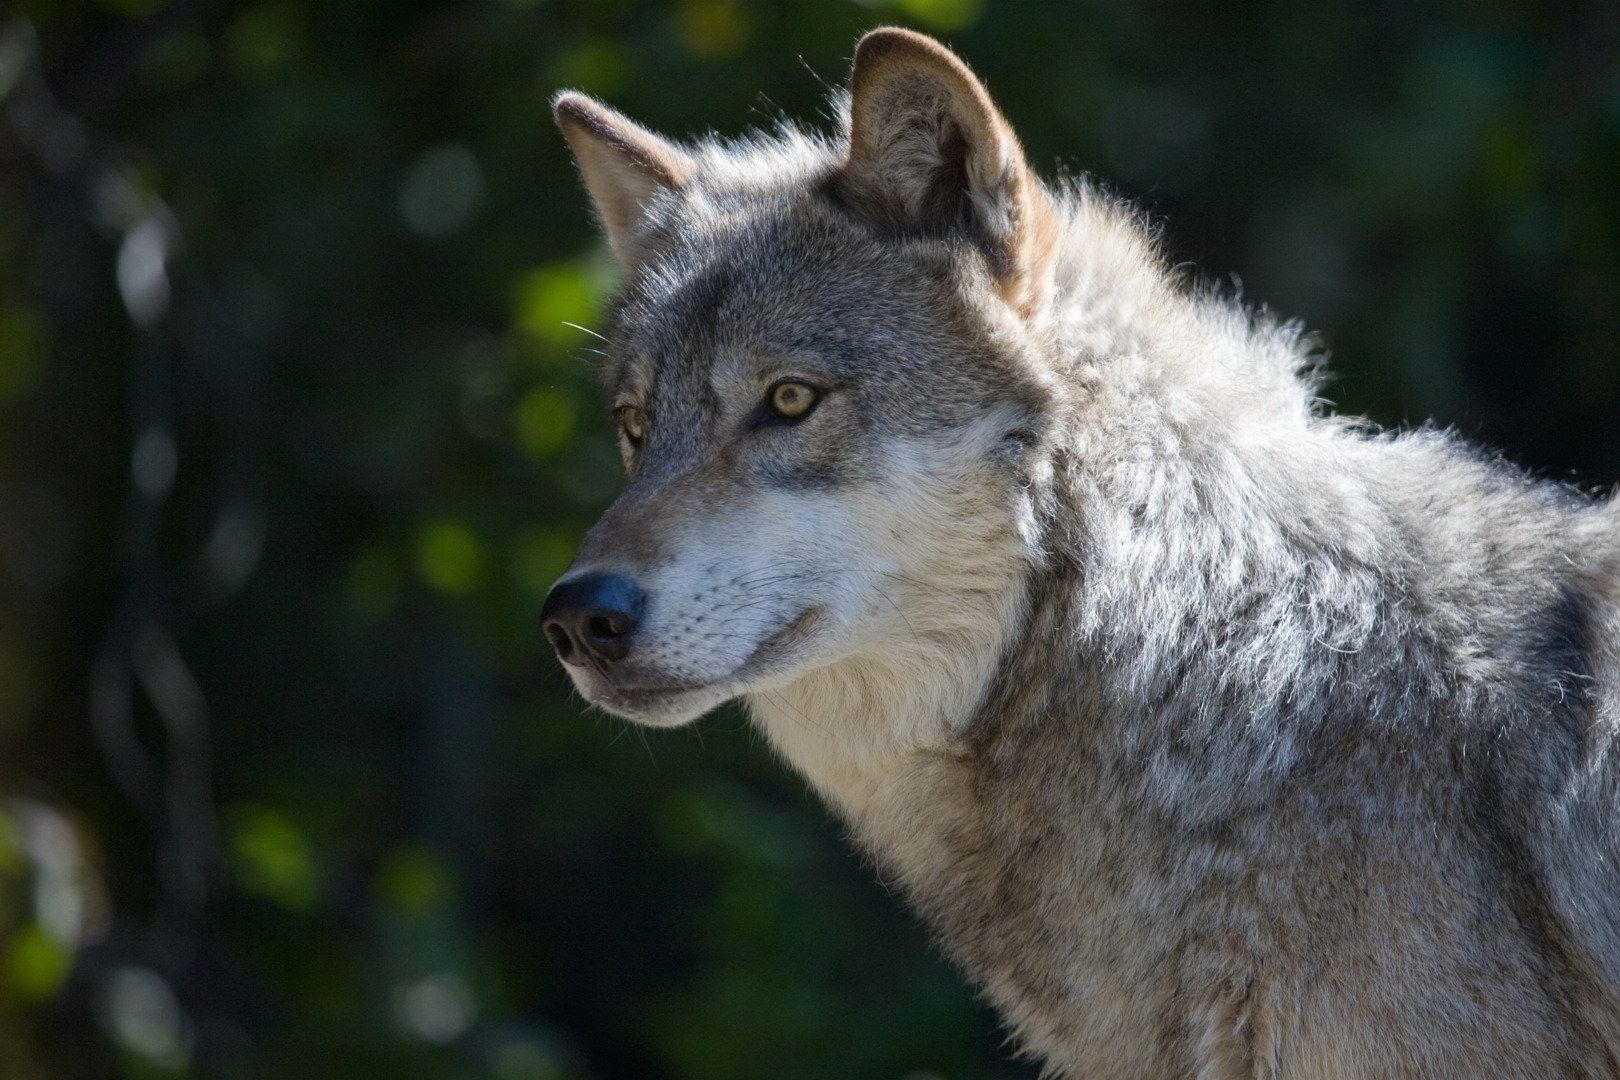 звуки фотографии серого волка лист бумаги